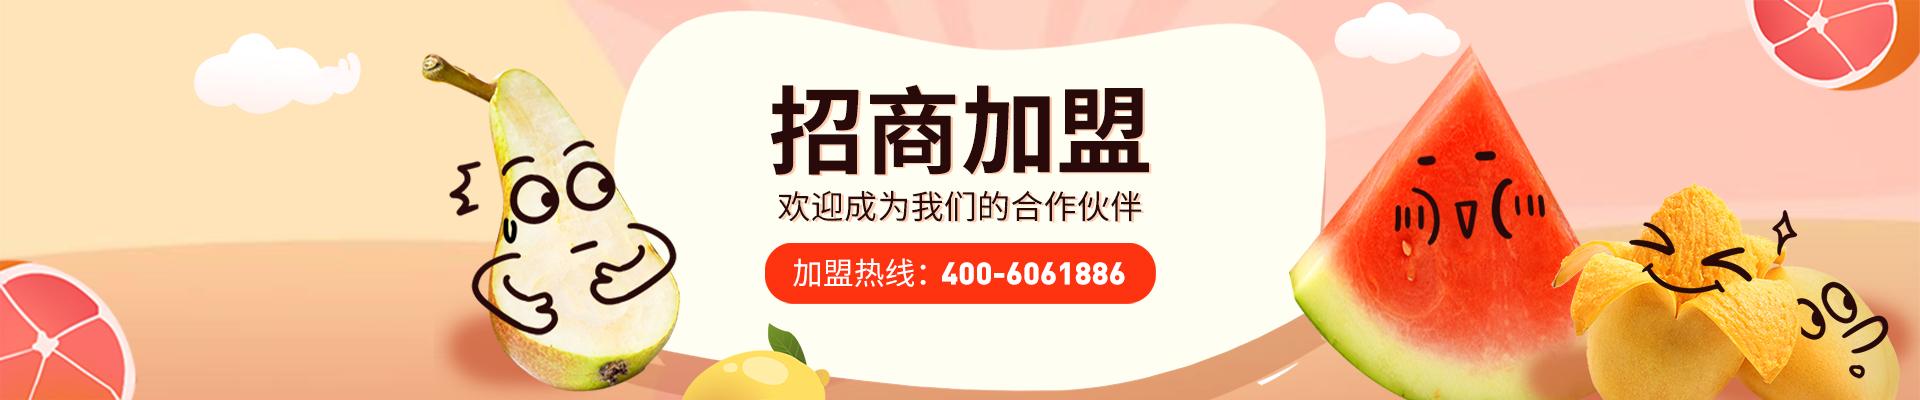 北京南粵大地商貿有限公司公司介紹